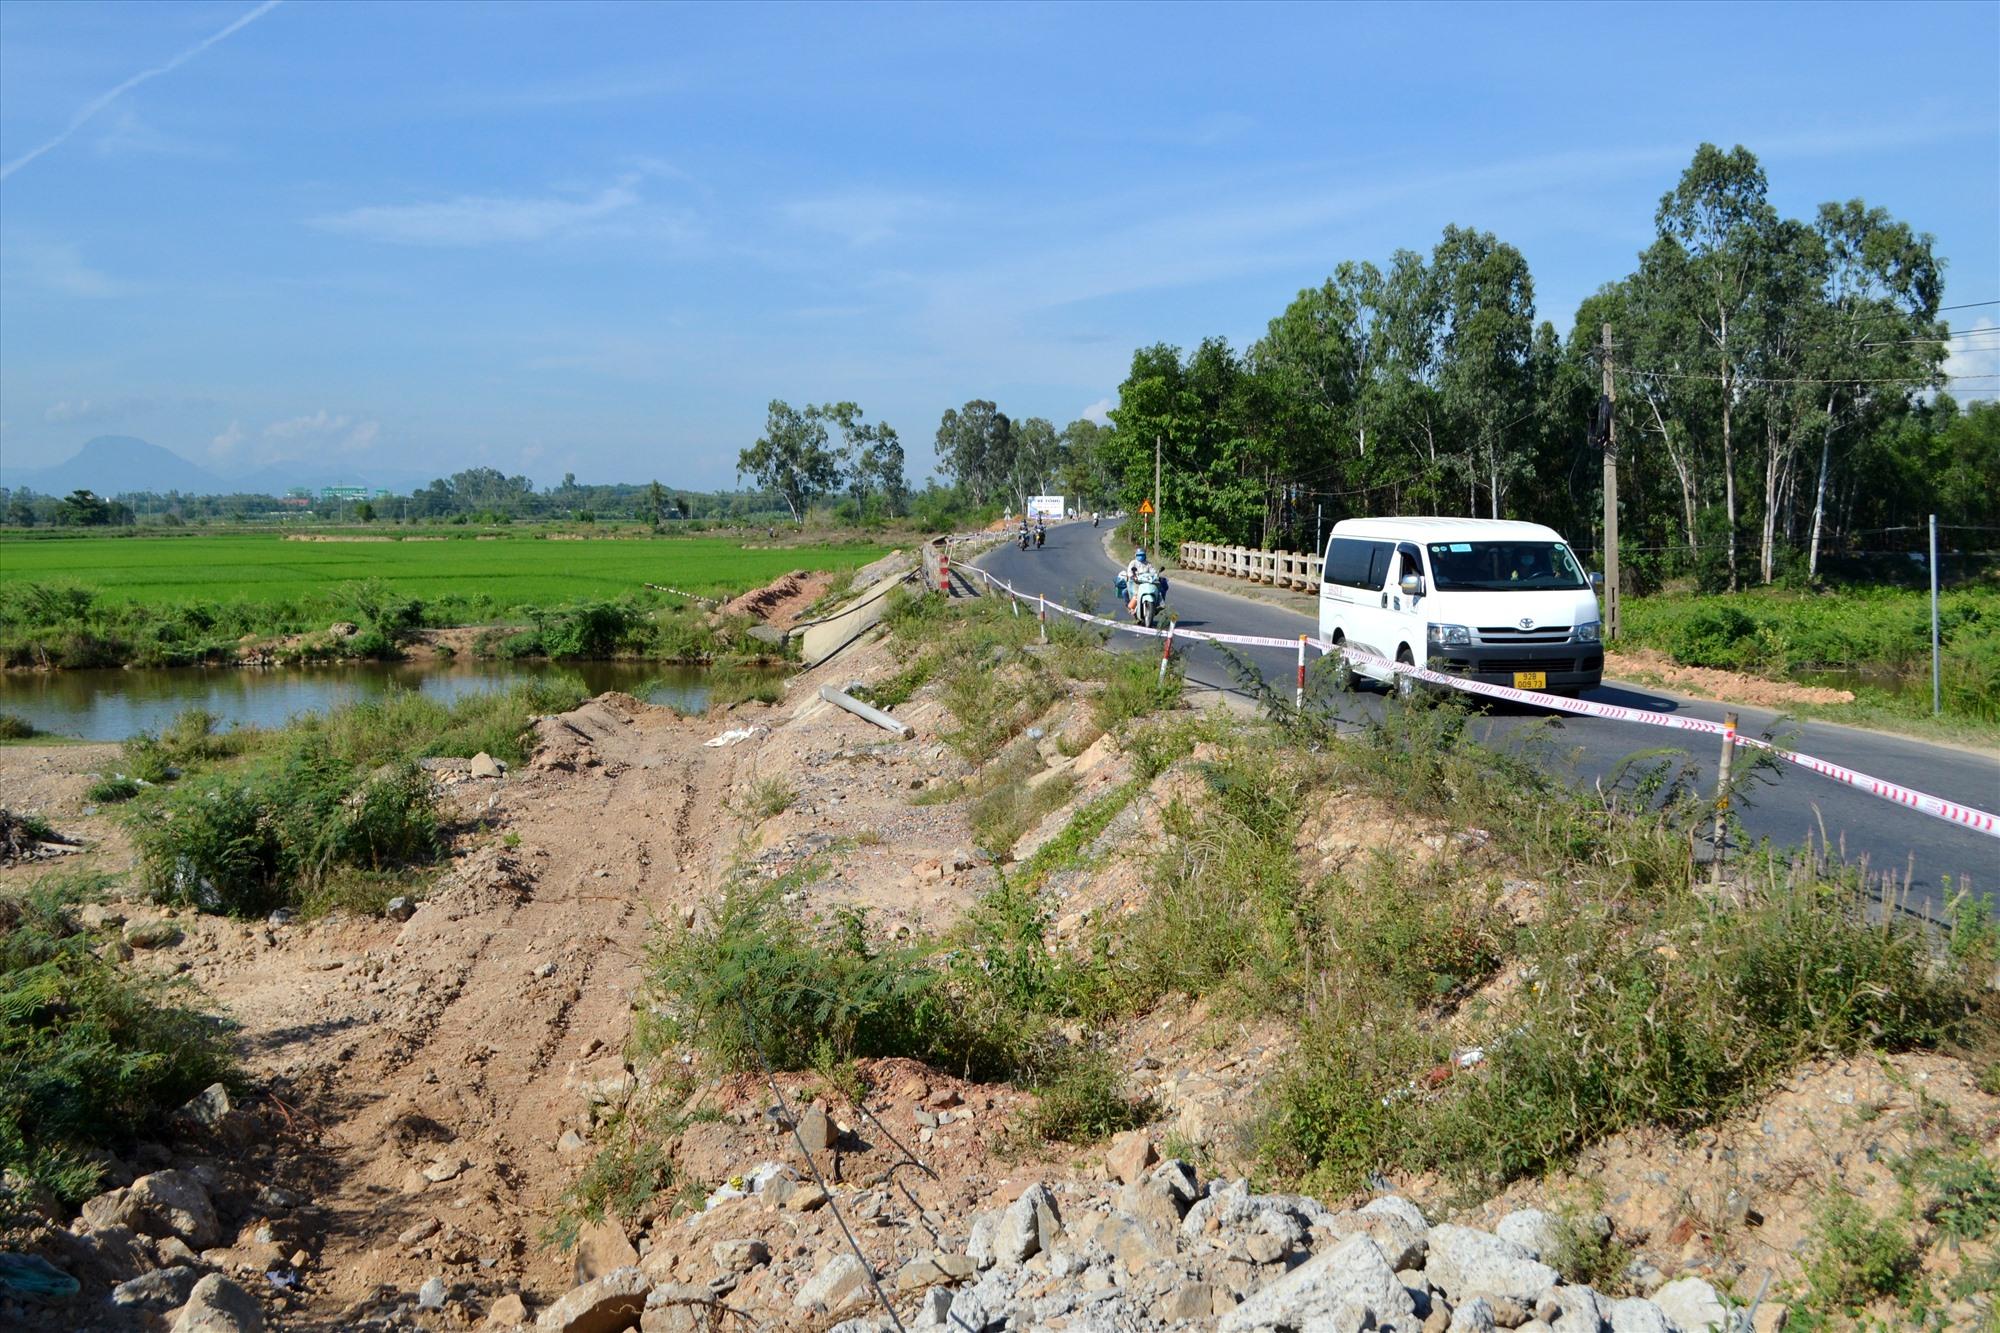 Chủ đầu tư phấn đấu hoàn thành thi công đoạn qua 3 cây cầu trên tuyến ĐT609B trong tháng 9 để tránh bị lũ lụt gây hư hỏng. Ảnh: CT